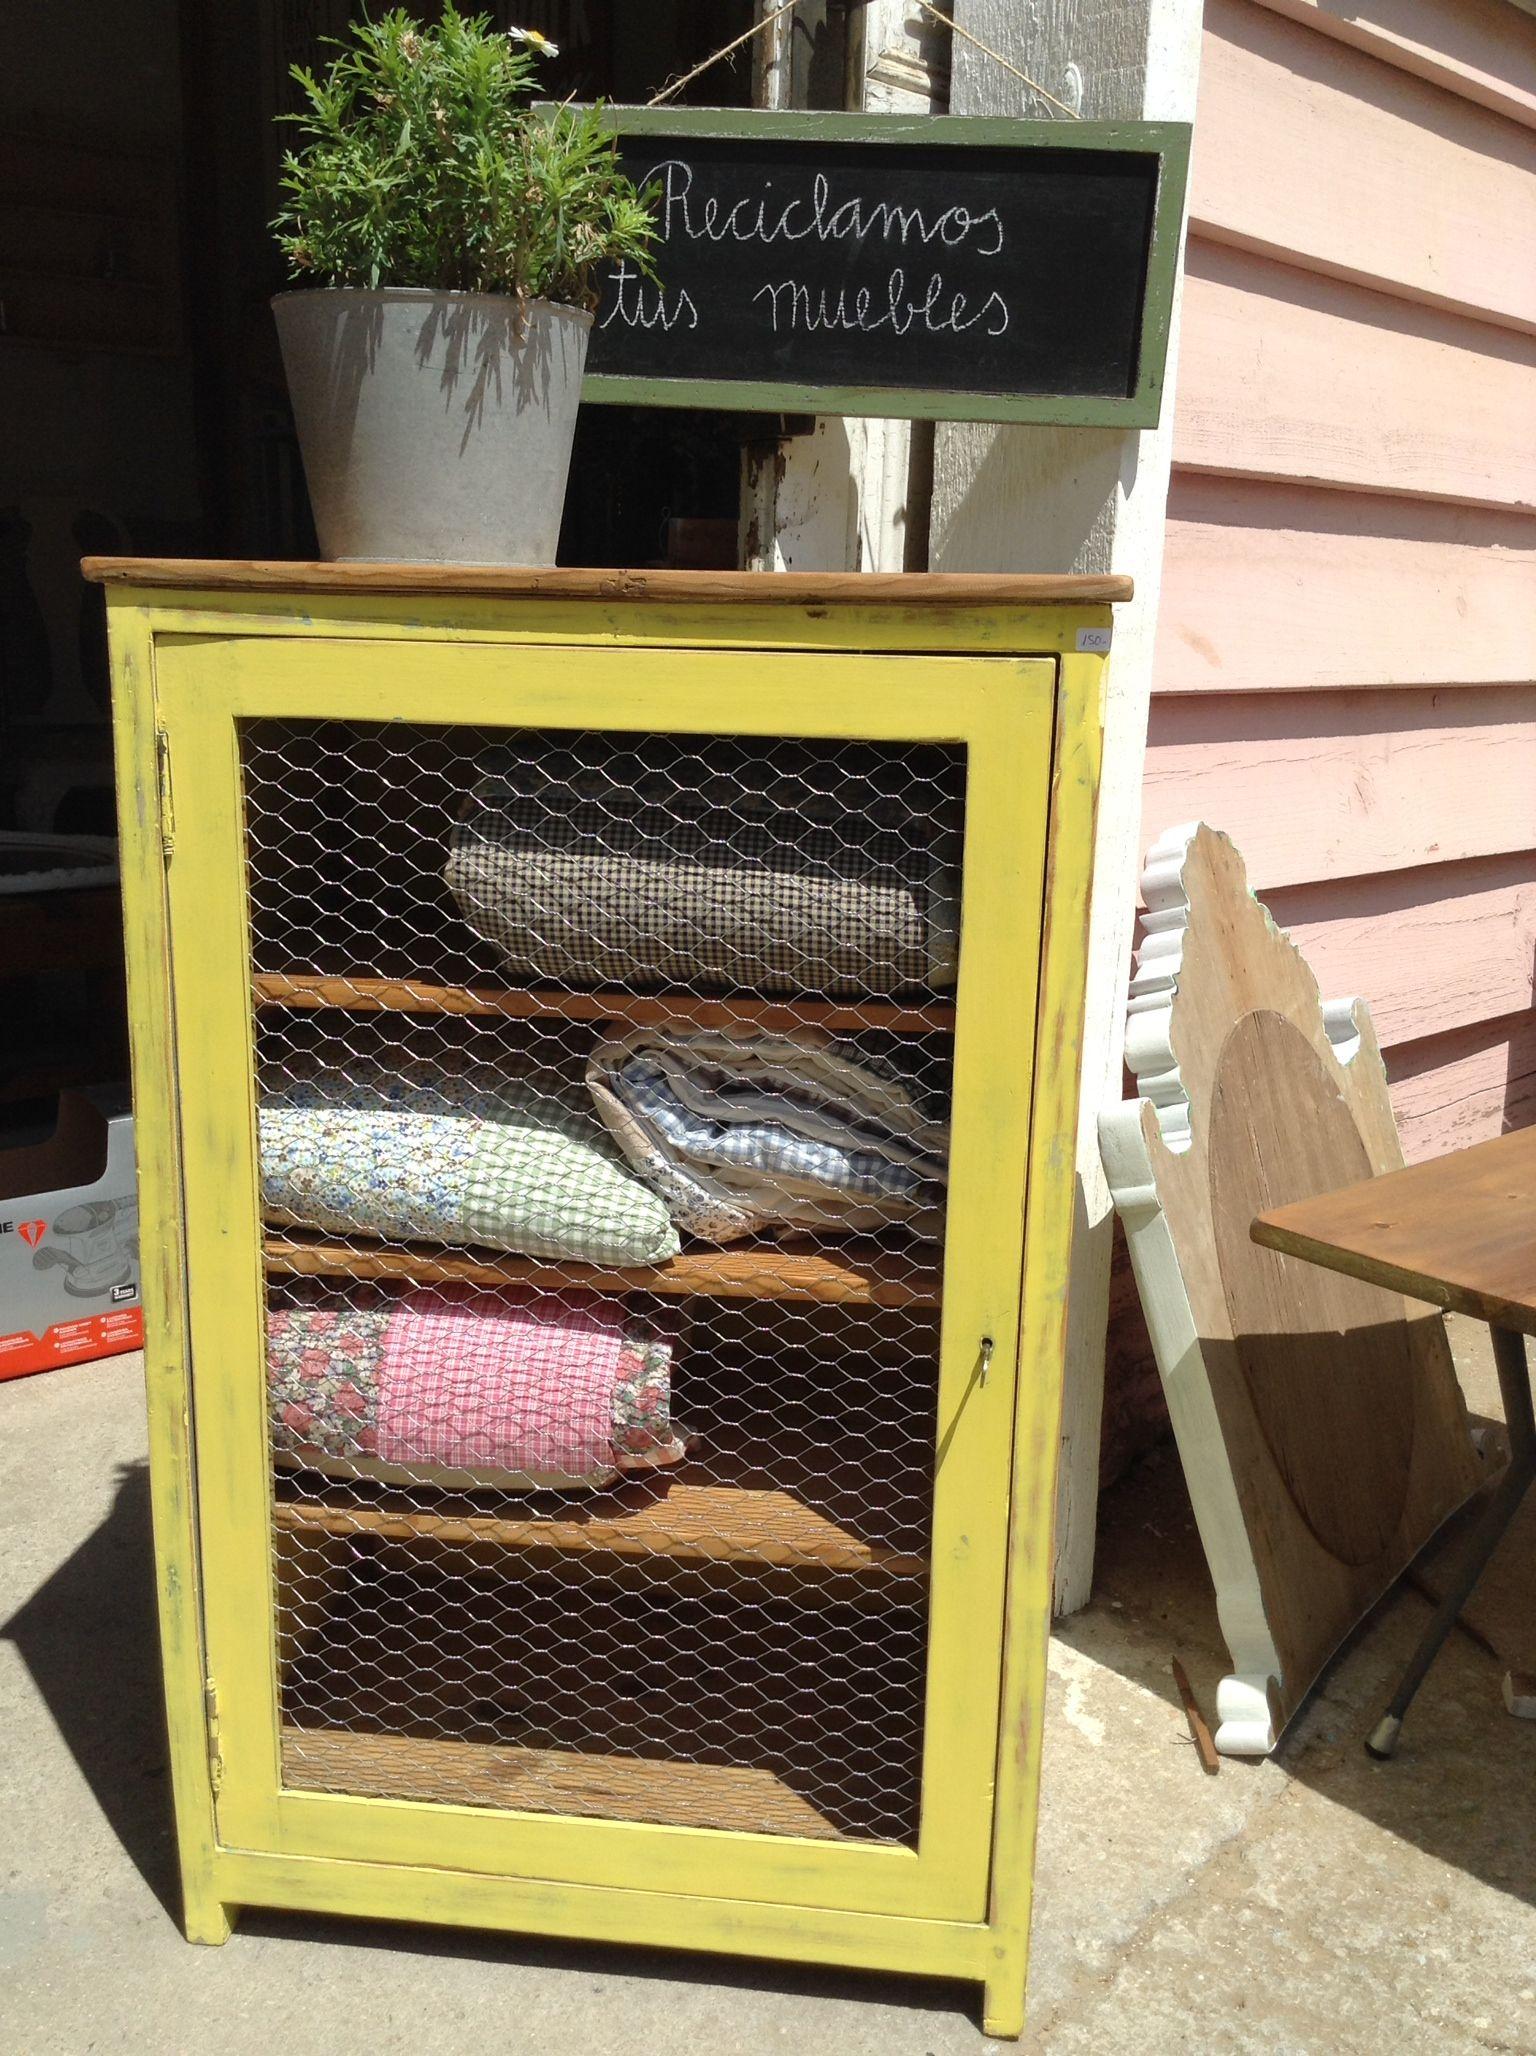 Mueble reciclado en barcelona con tela de gallinero para el ba o la cocina el sal n - Muebles de cocina reciclados ...